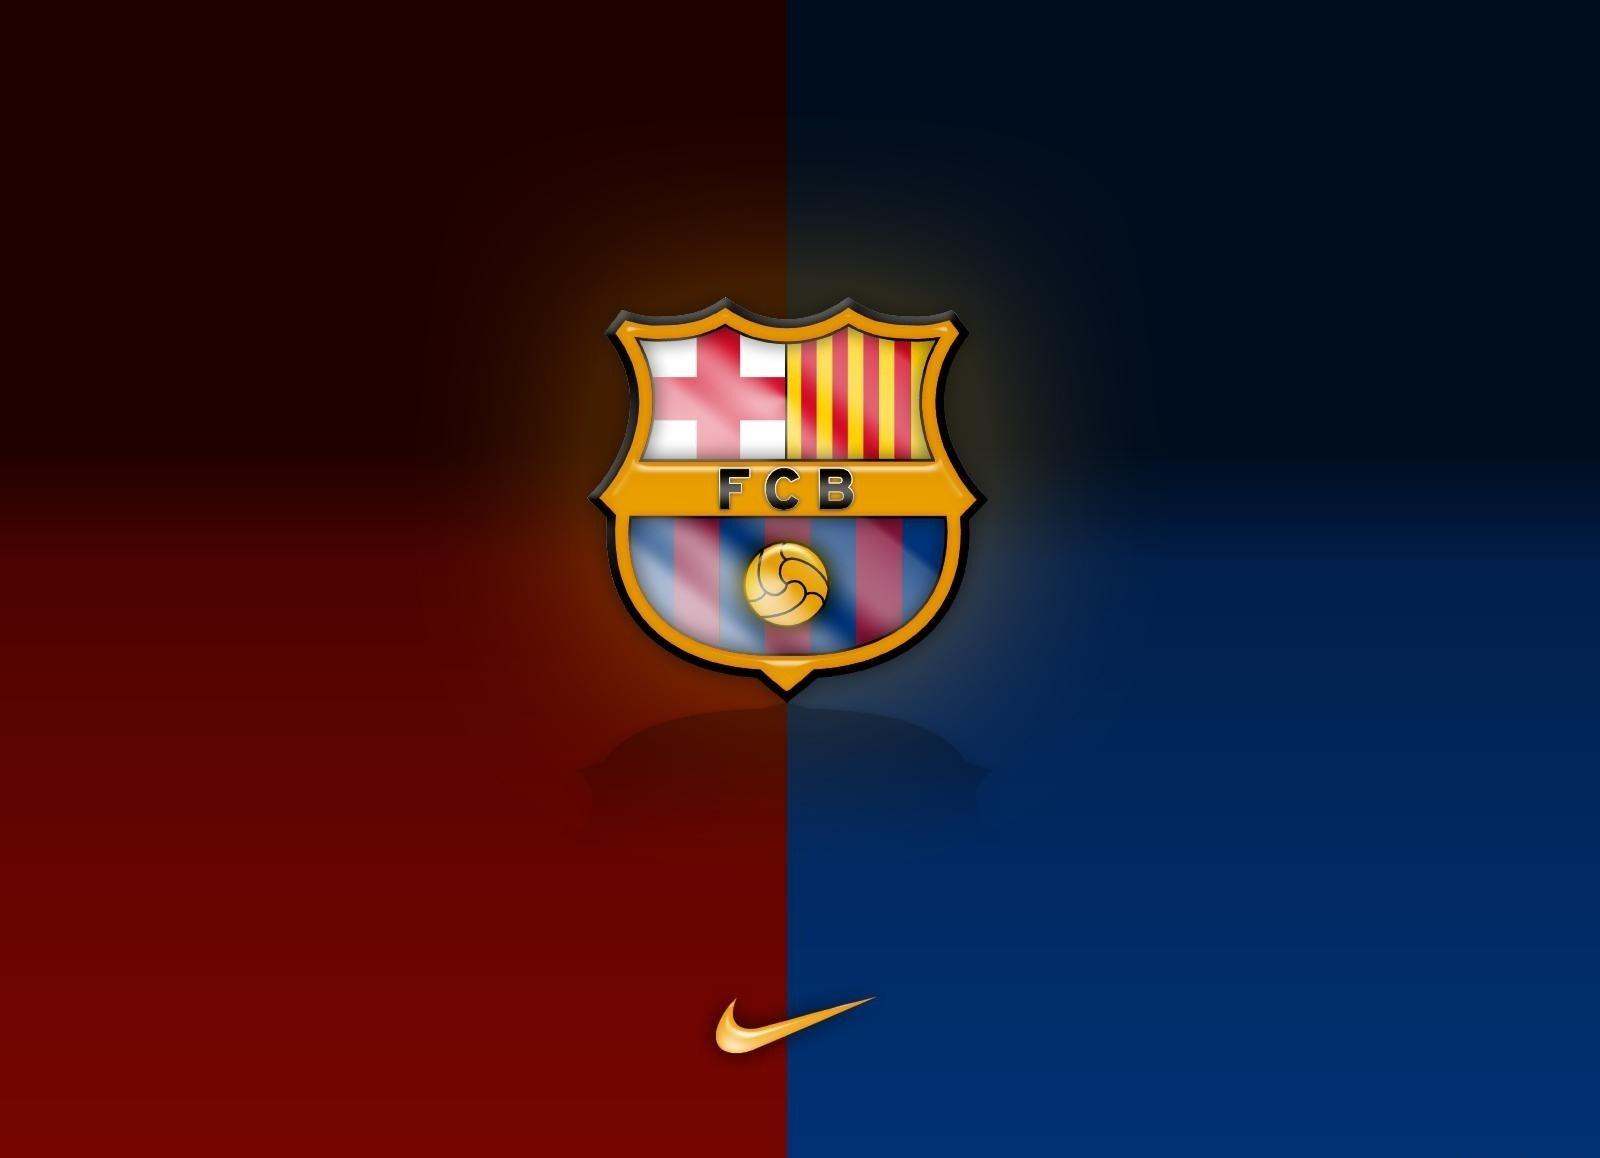 Kartinka Emblema Futbolnogo Kluba Barselona Futbolnyj Klub Barselona Futbol Sport Kartinki 24 Skachat Kartinki Besplatno